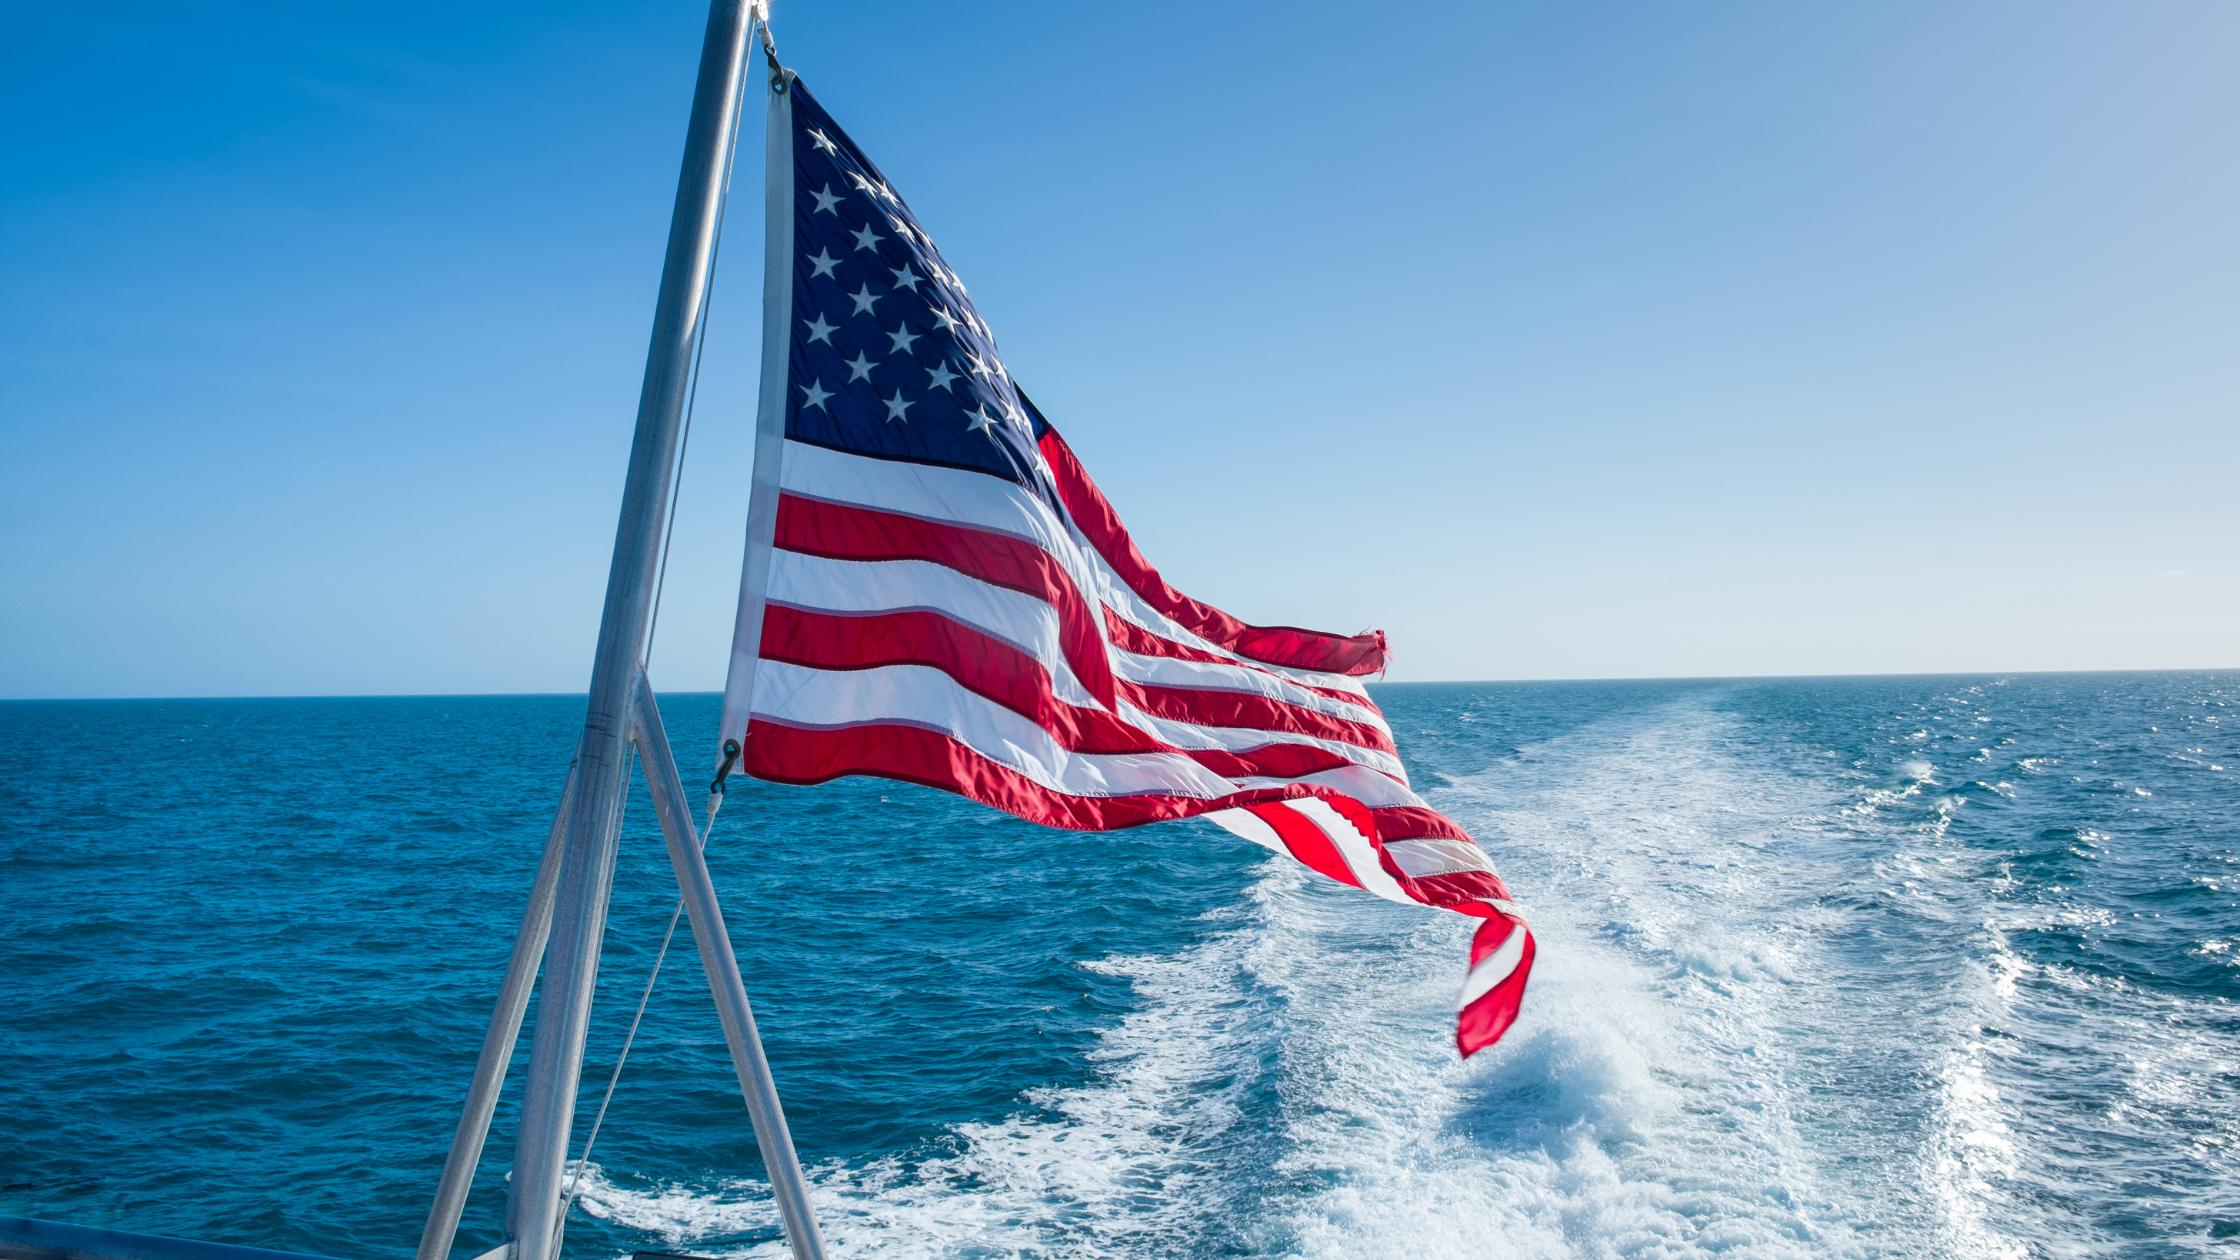 Snag-A-Slip Blog - Boating Safety Tips for 4th of July - Boat Safe